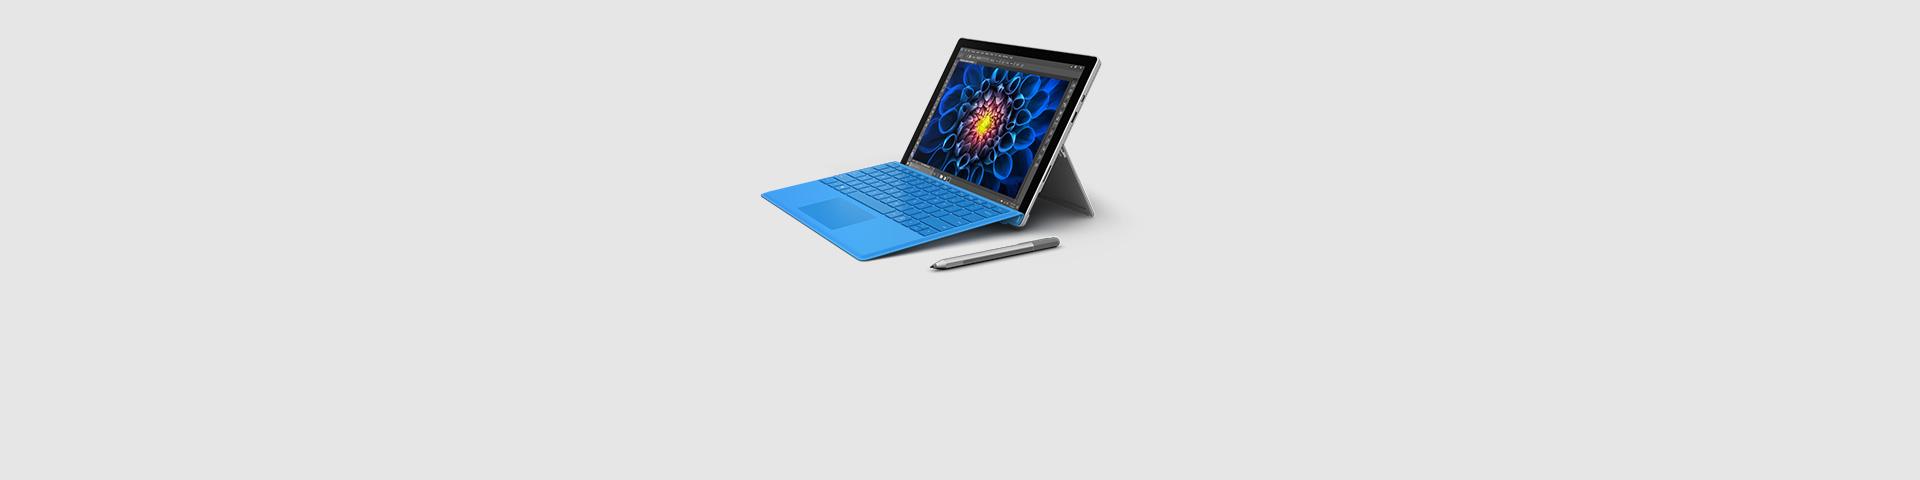 En Surface Pro 4-enhet